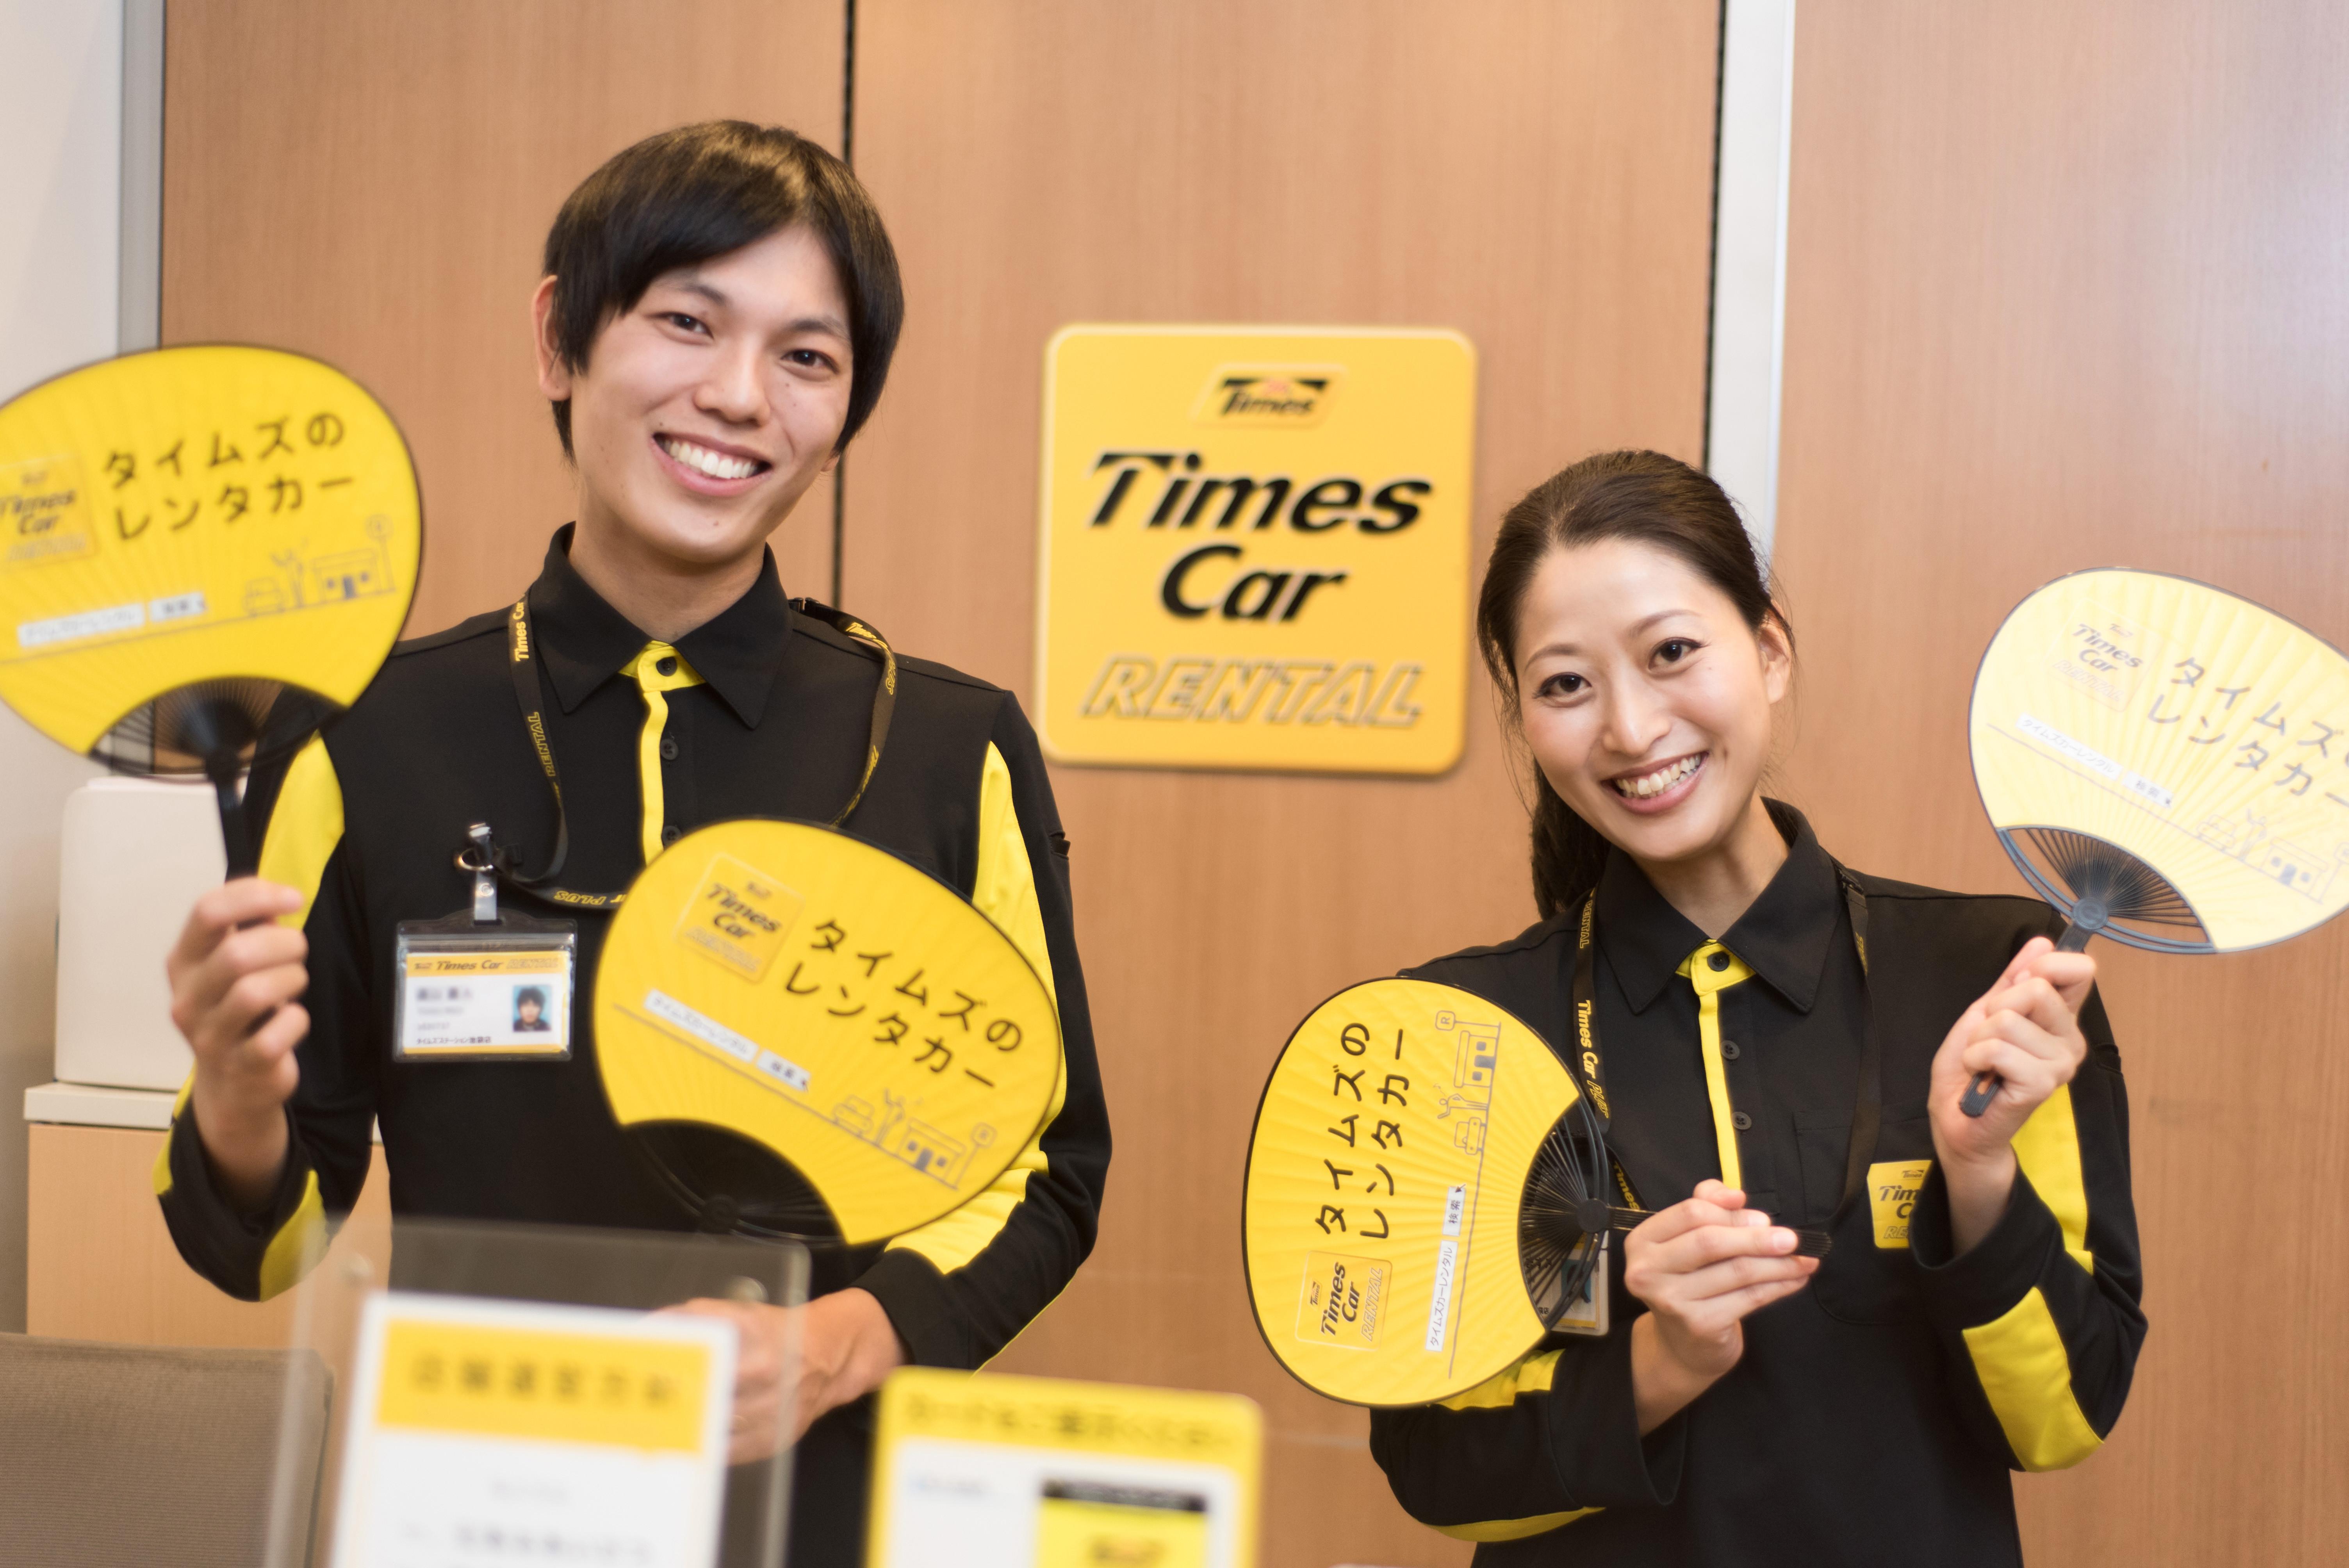 タイムズカーレンタル 長崎市役所通り店 のアルバイト情報